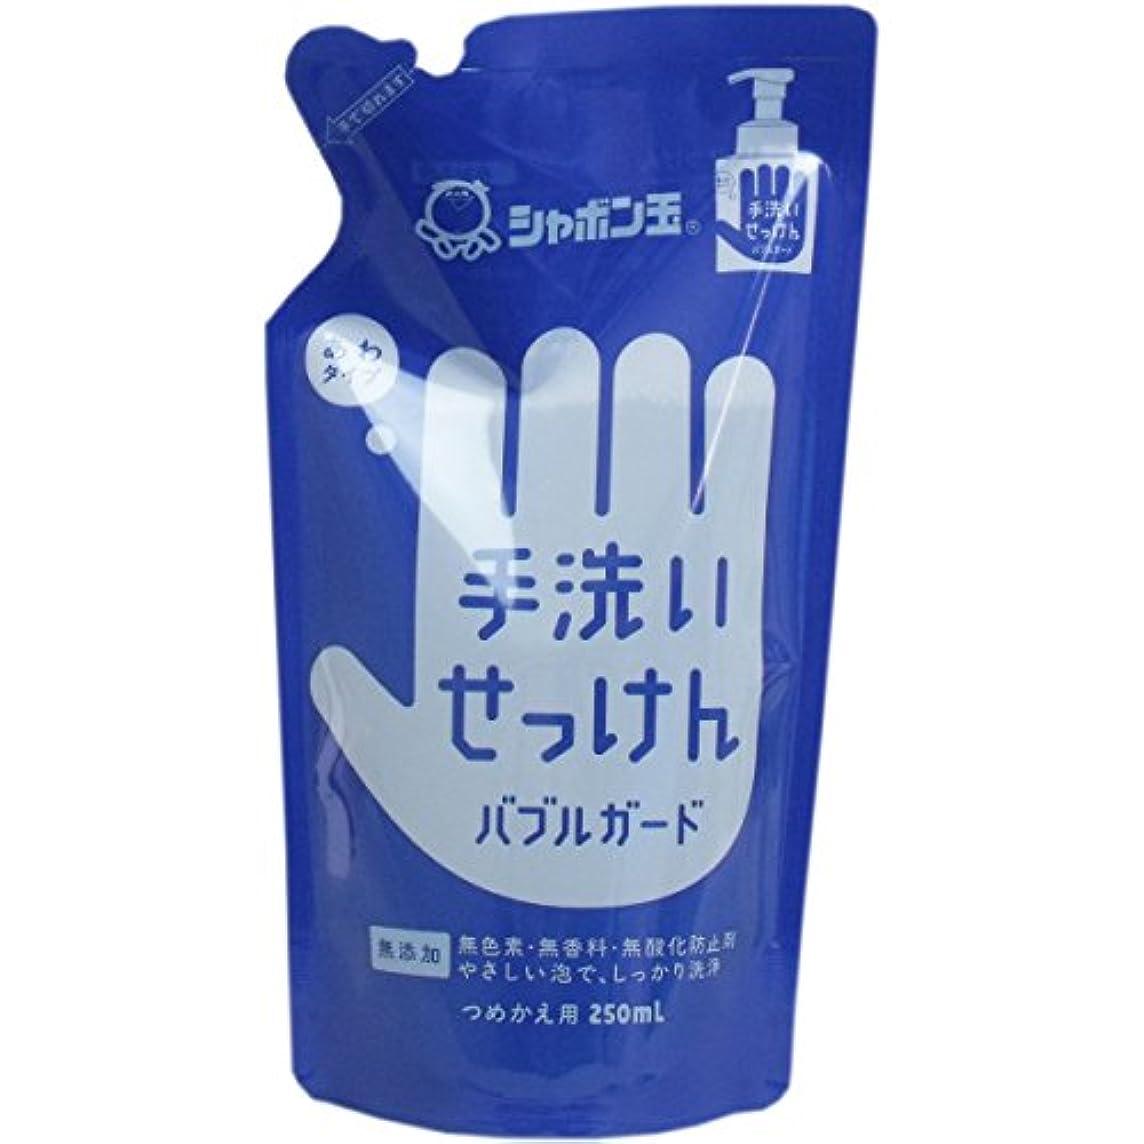 協会メイエラ影響する[シャボン玉石けん 1602809] (ケア商品)手洗いせっけん バブルガード 泡タイプ つめかえ用 250ml